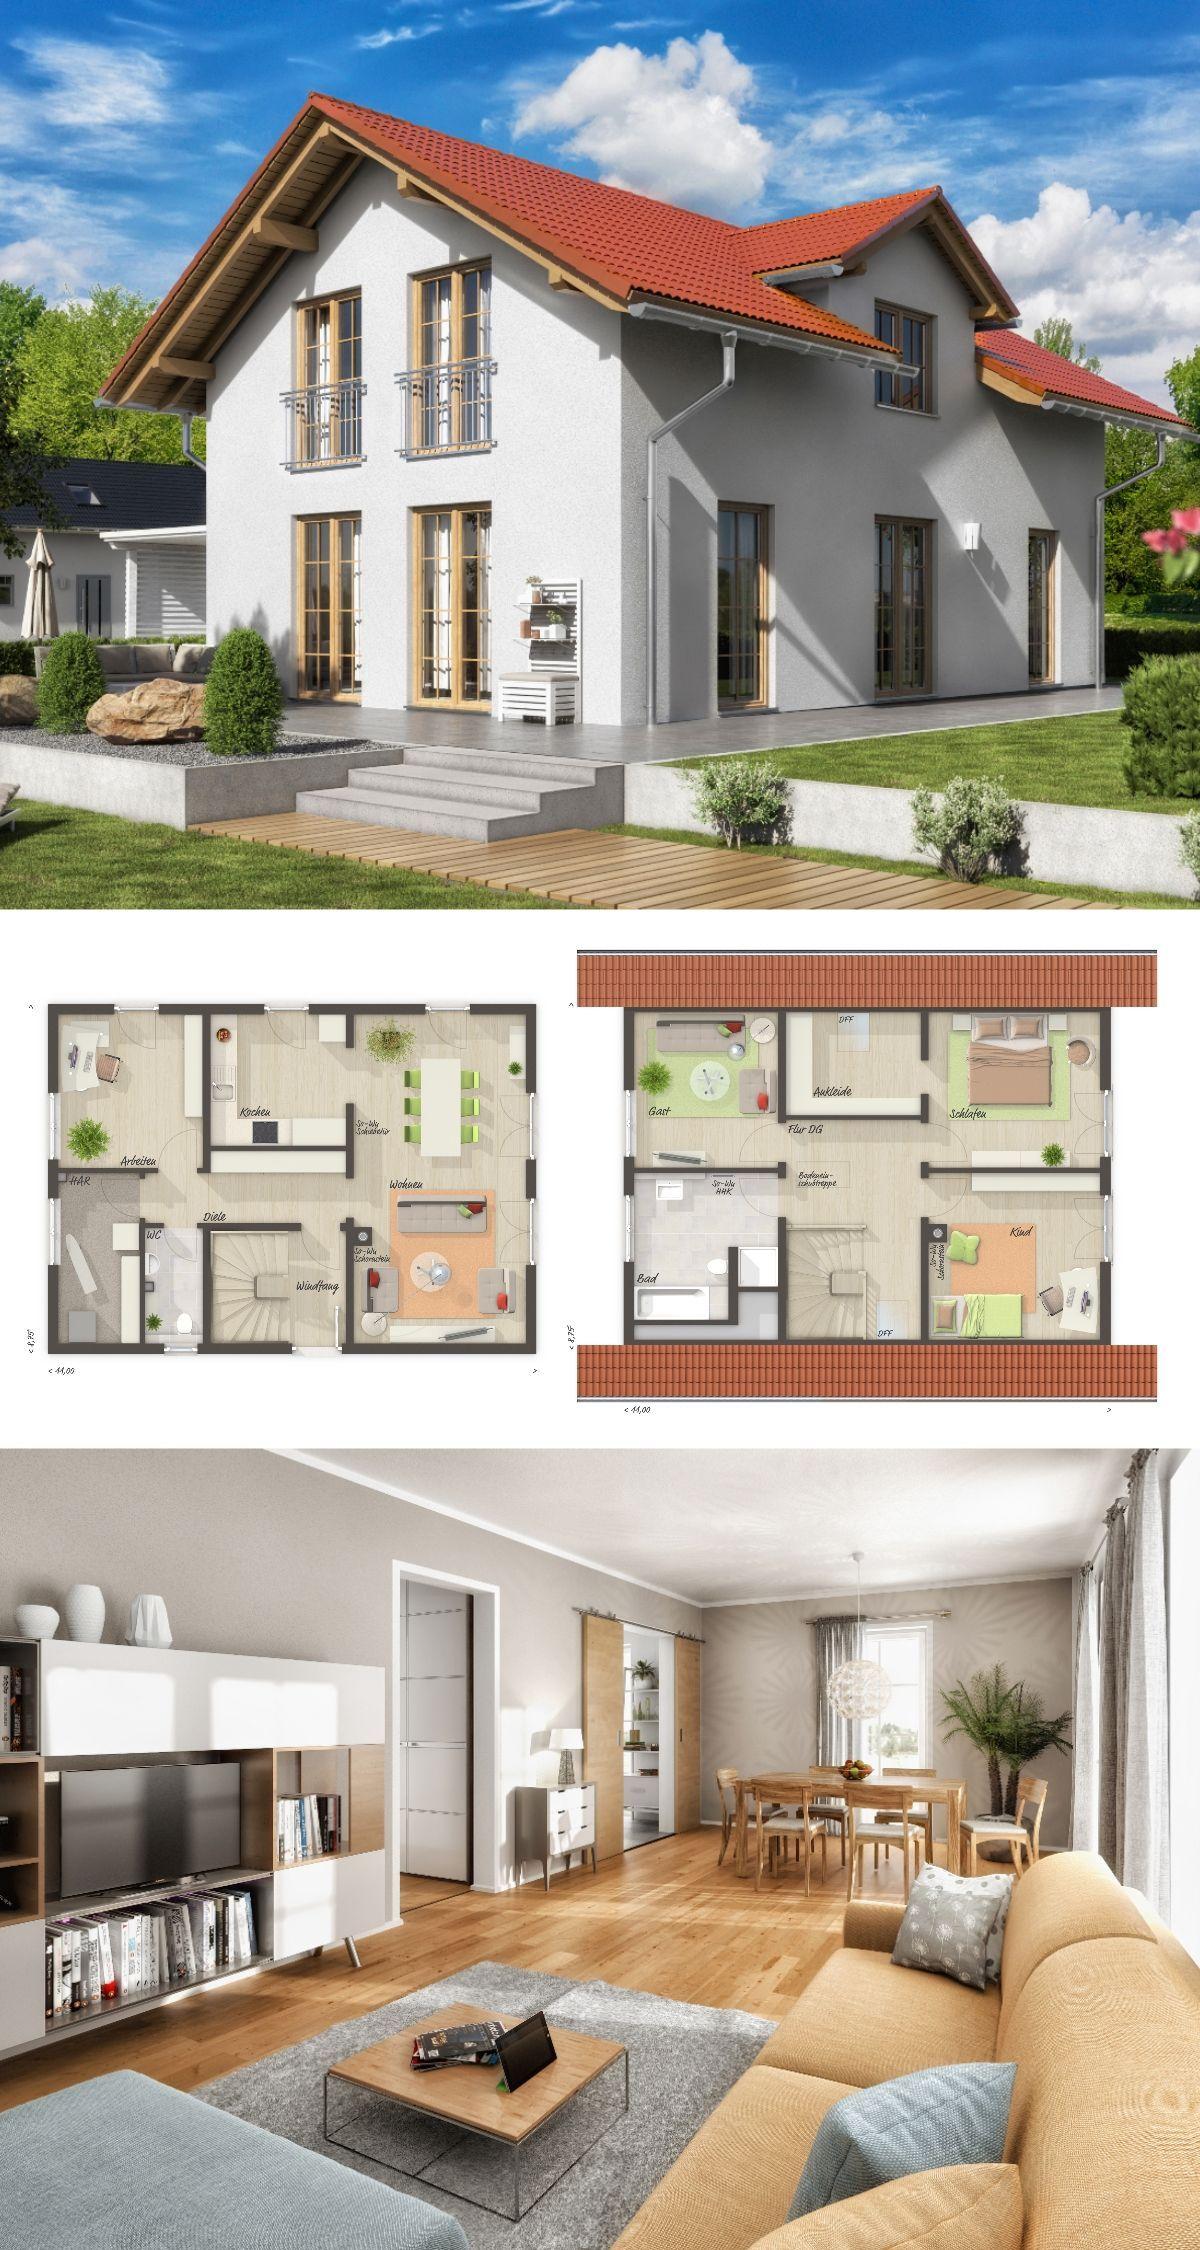 Modernes Alpenstil Haus Grundriss Mit Satteldach Architektur